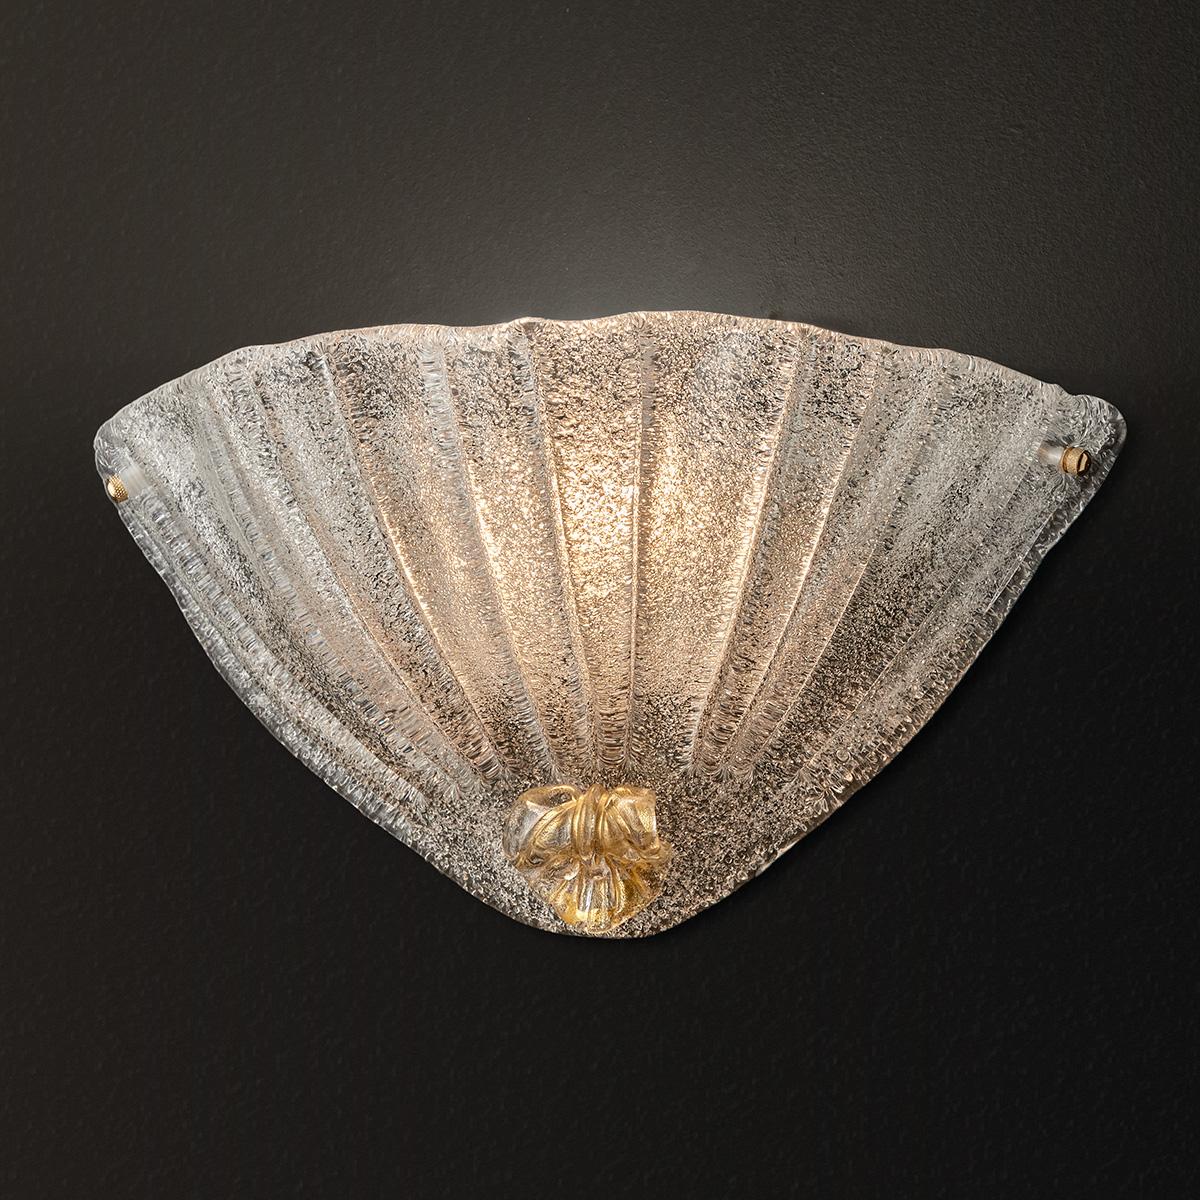 Κλασική απλίκα από κρύσταλλο Μουράνο ΦΥΛΛΟ classic Murano crystal wall lamp